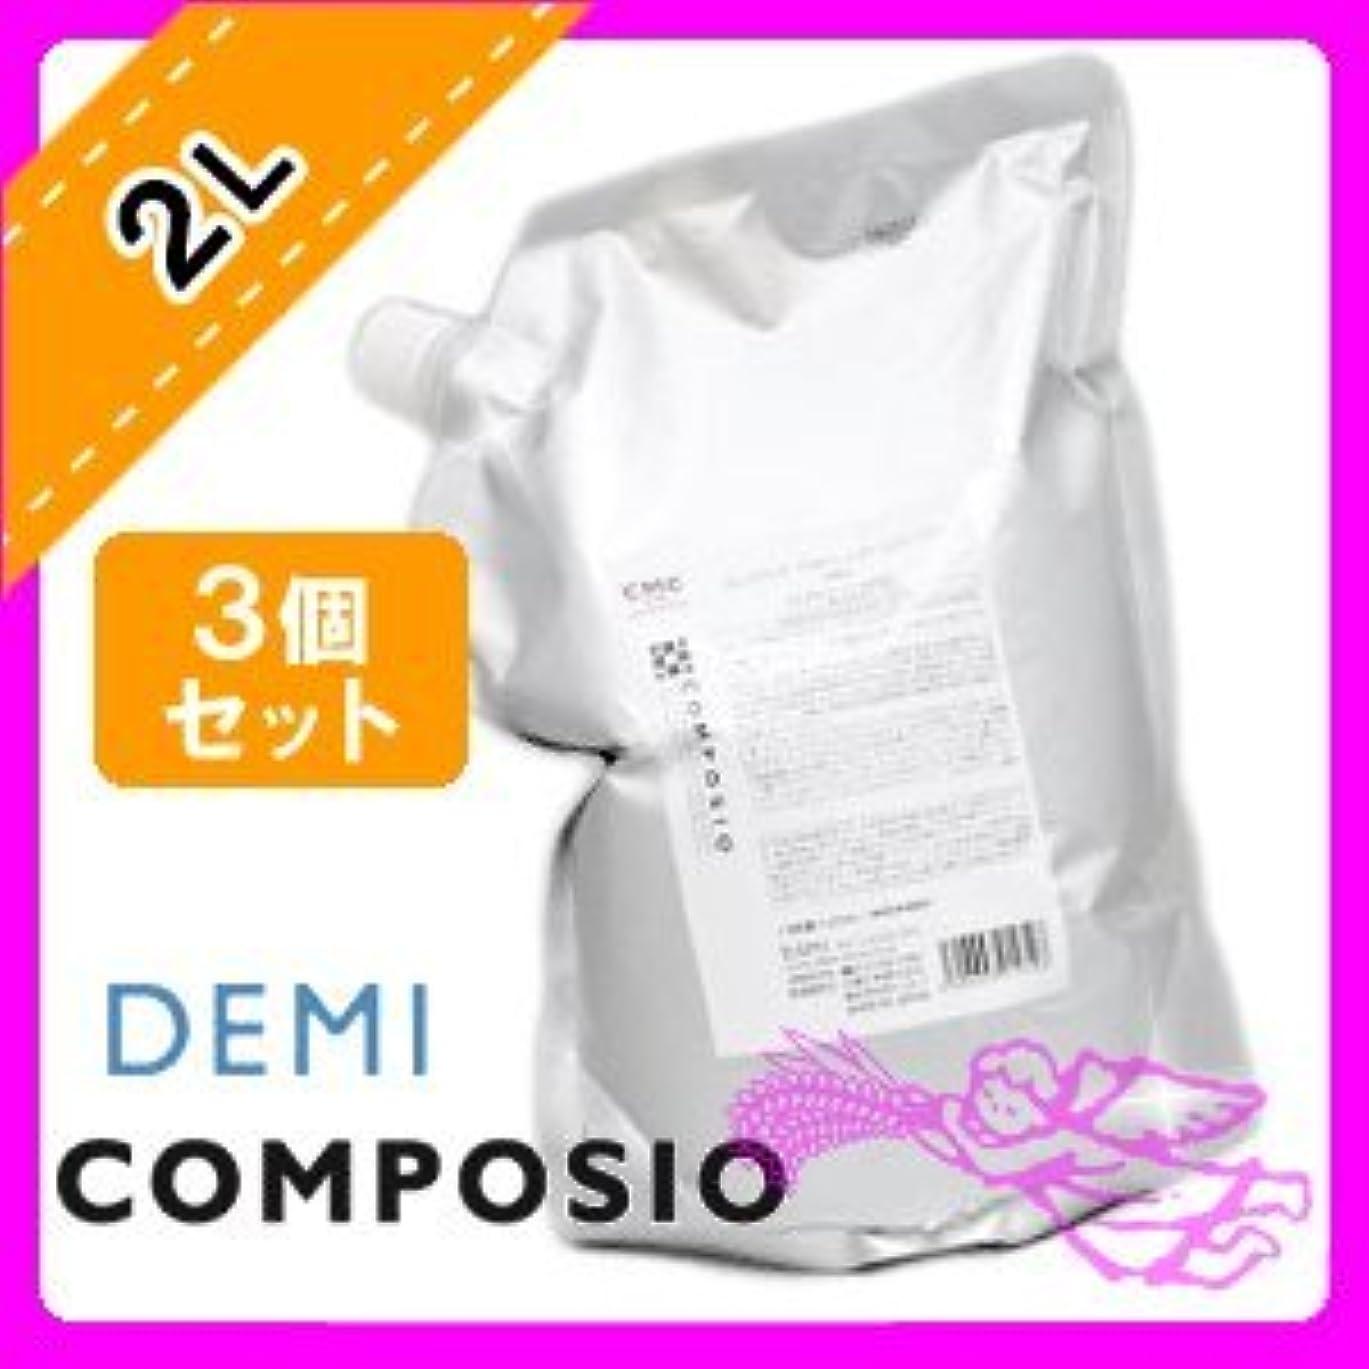 取り出す恩赦例デミ コンポジオ CMCリペアシャンプー 2000ml ×3個セット DEMI COMPOSIO